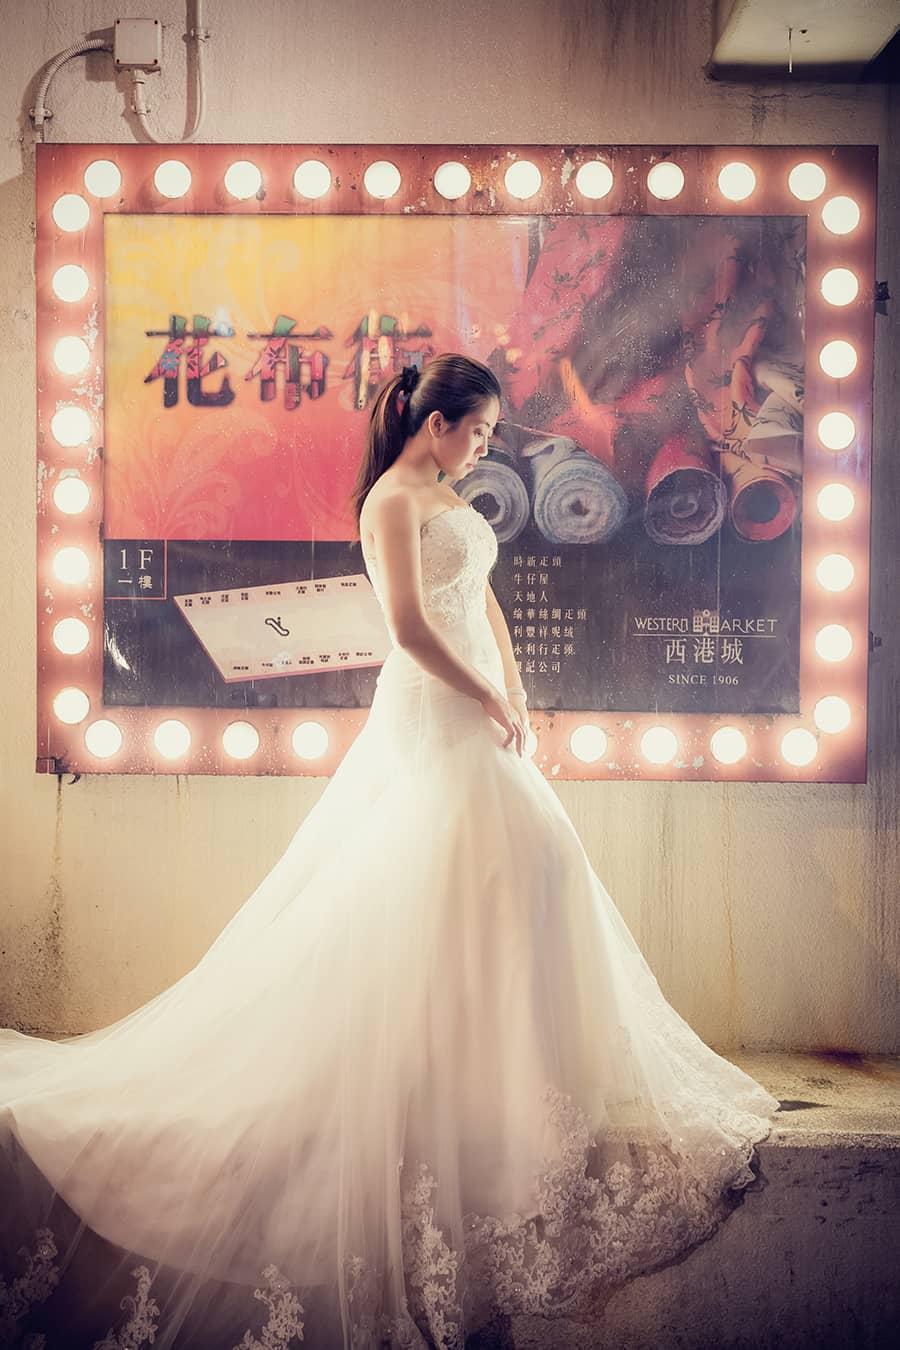 香港迎娶婚禮,香港叮叮車,香港石板街,hong kong wedding,香港婚禮,香港婚禮麻將,香港婚紗,Oversea pre wedding,香港中環,婚禮攝影,海外婚紗,香港自助婚紗,澳門婚禮,